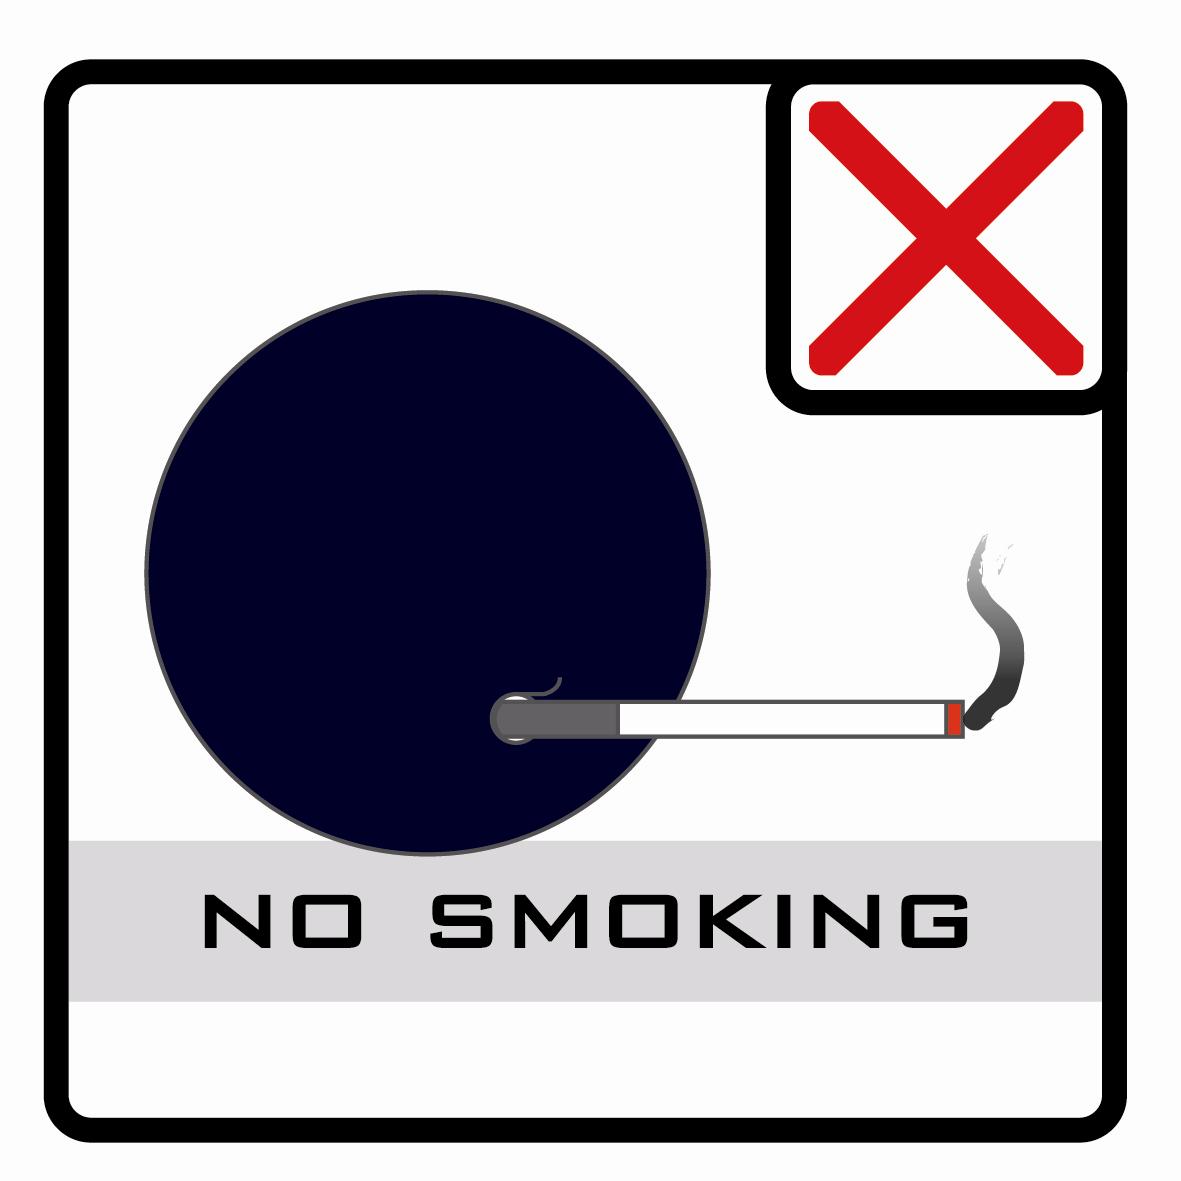 【icon】禁止吸煙